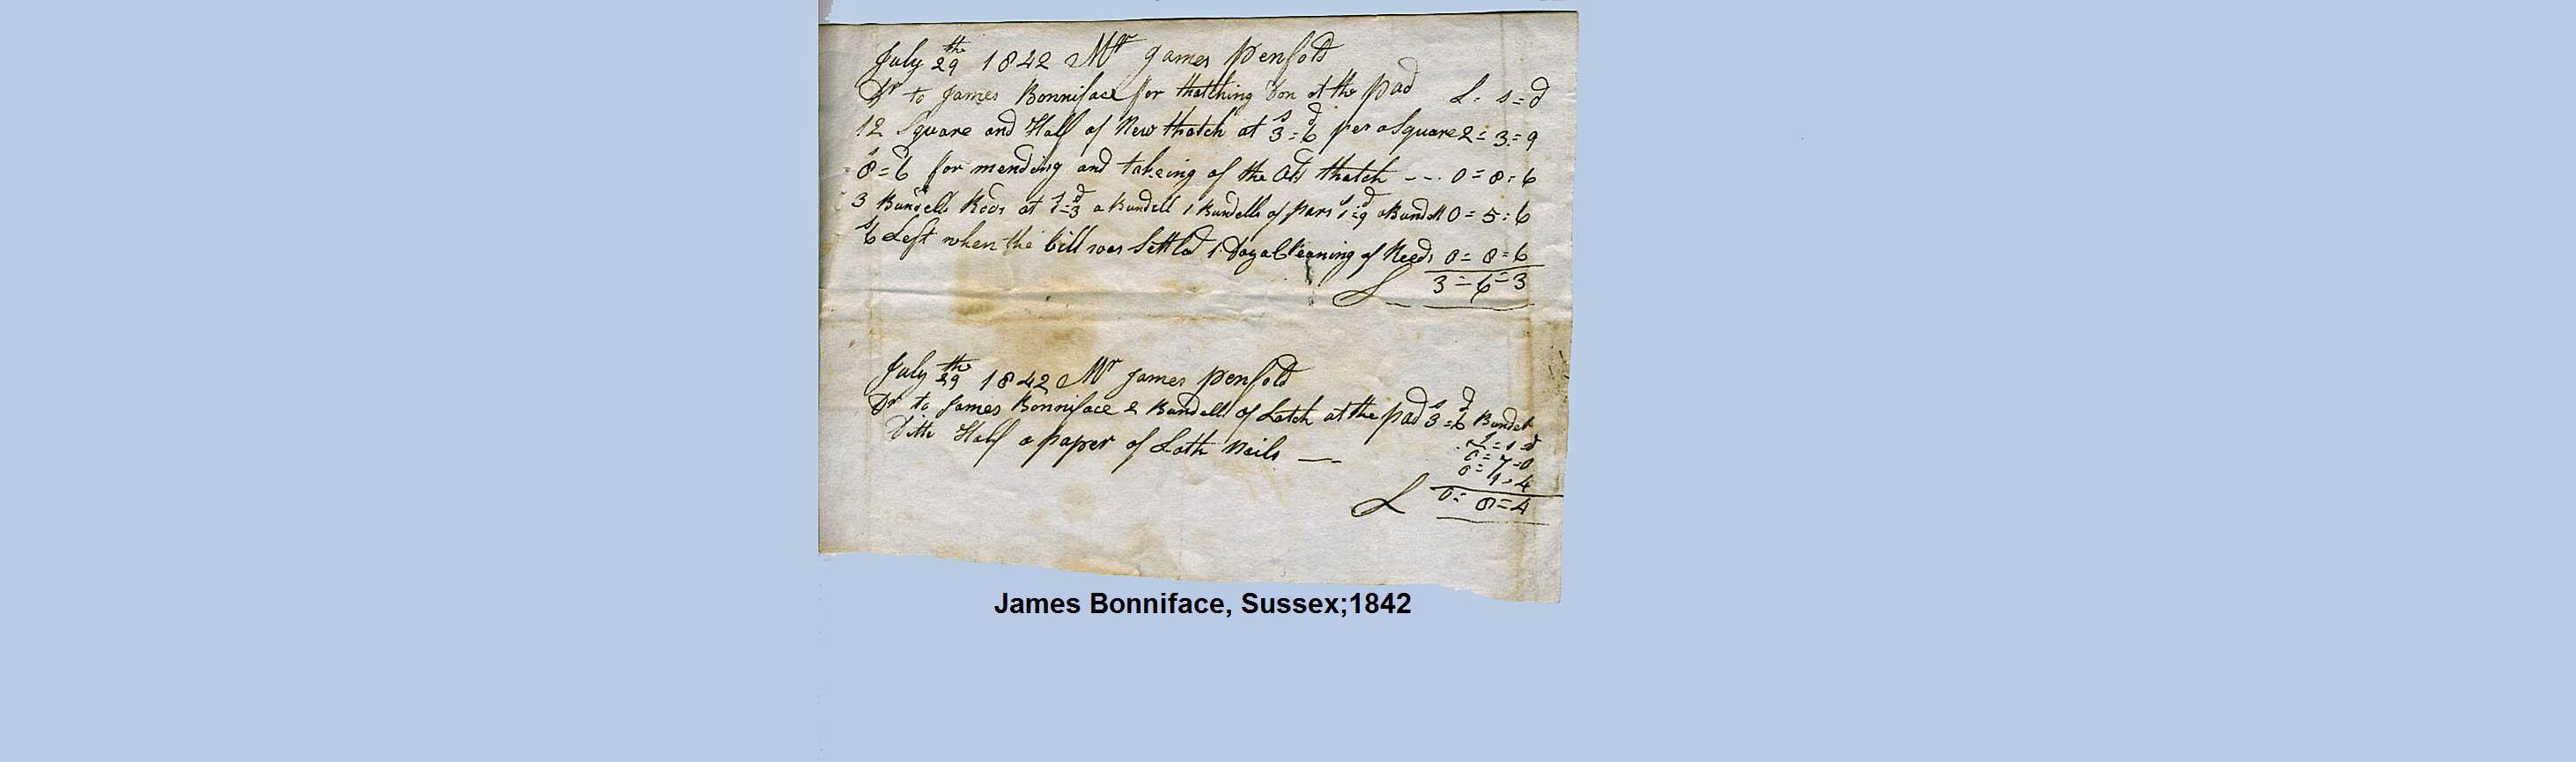 thatch invoice 1842